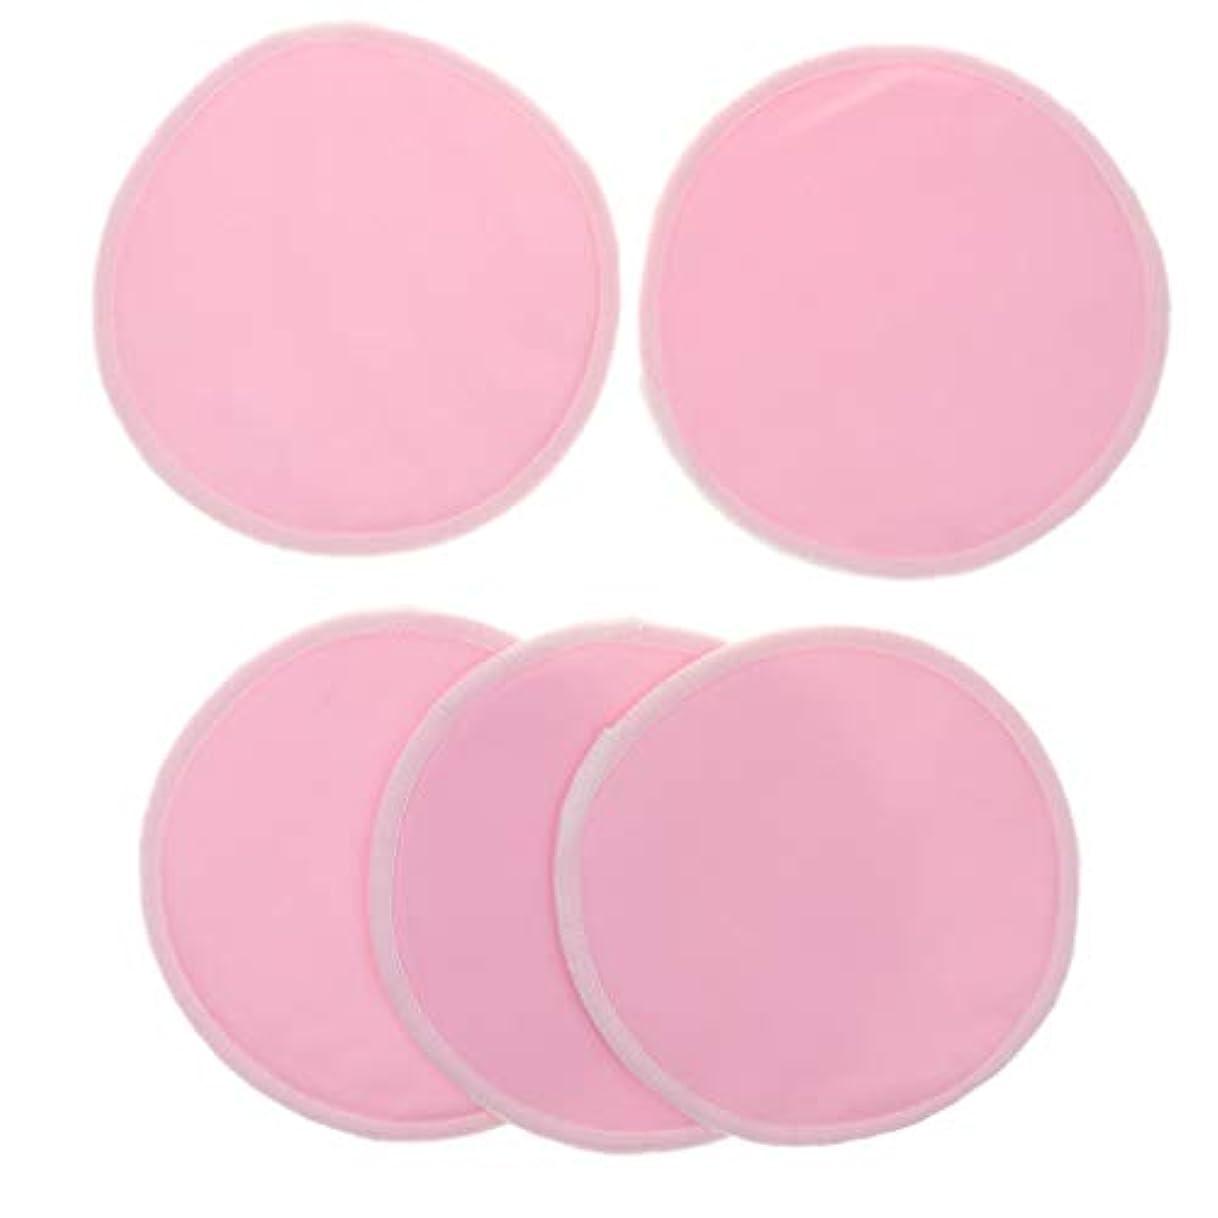 コンクリートセクション石炭B Blesiya 12cm 胸パッド クレンジングシート 化粧水パッド 竹繊維 円形 洗える 通気性 5個 全5色 - ピンク